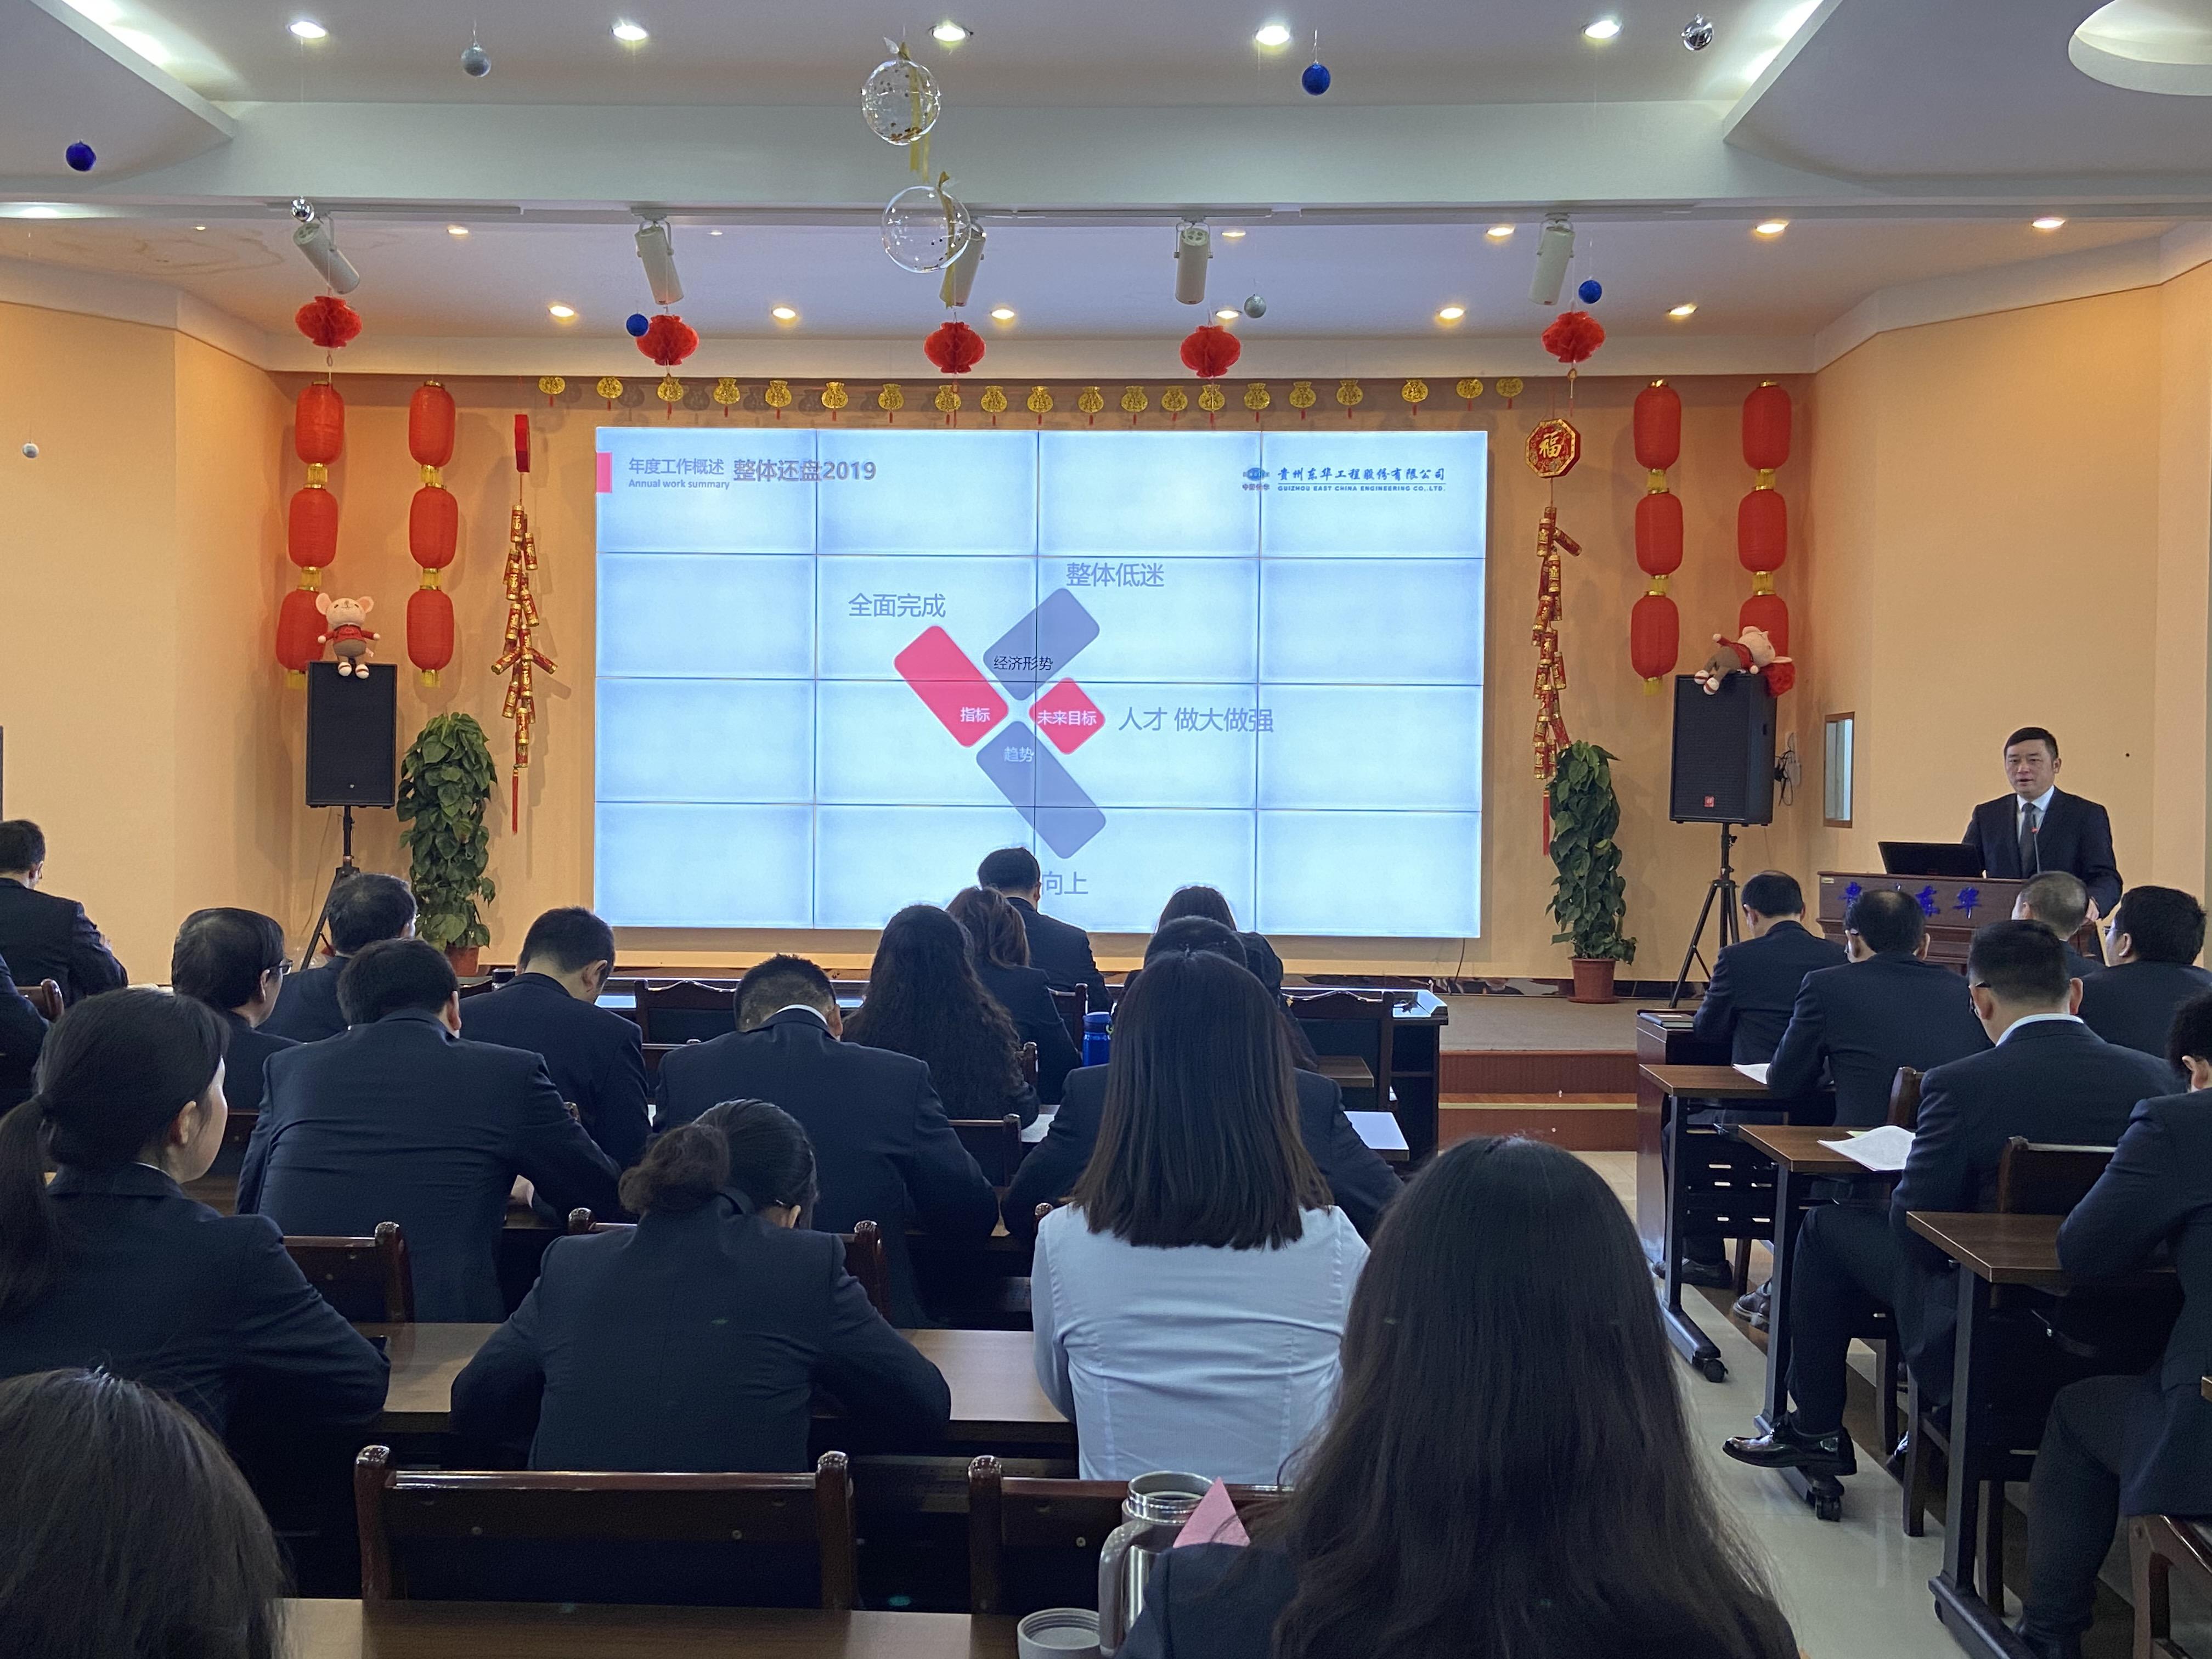 企业成功召开四届二次职工代表大会